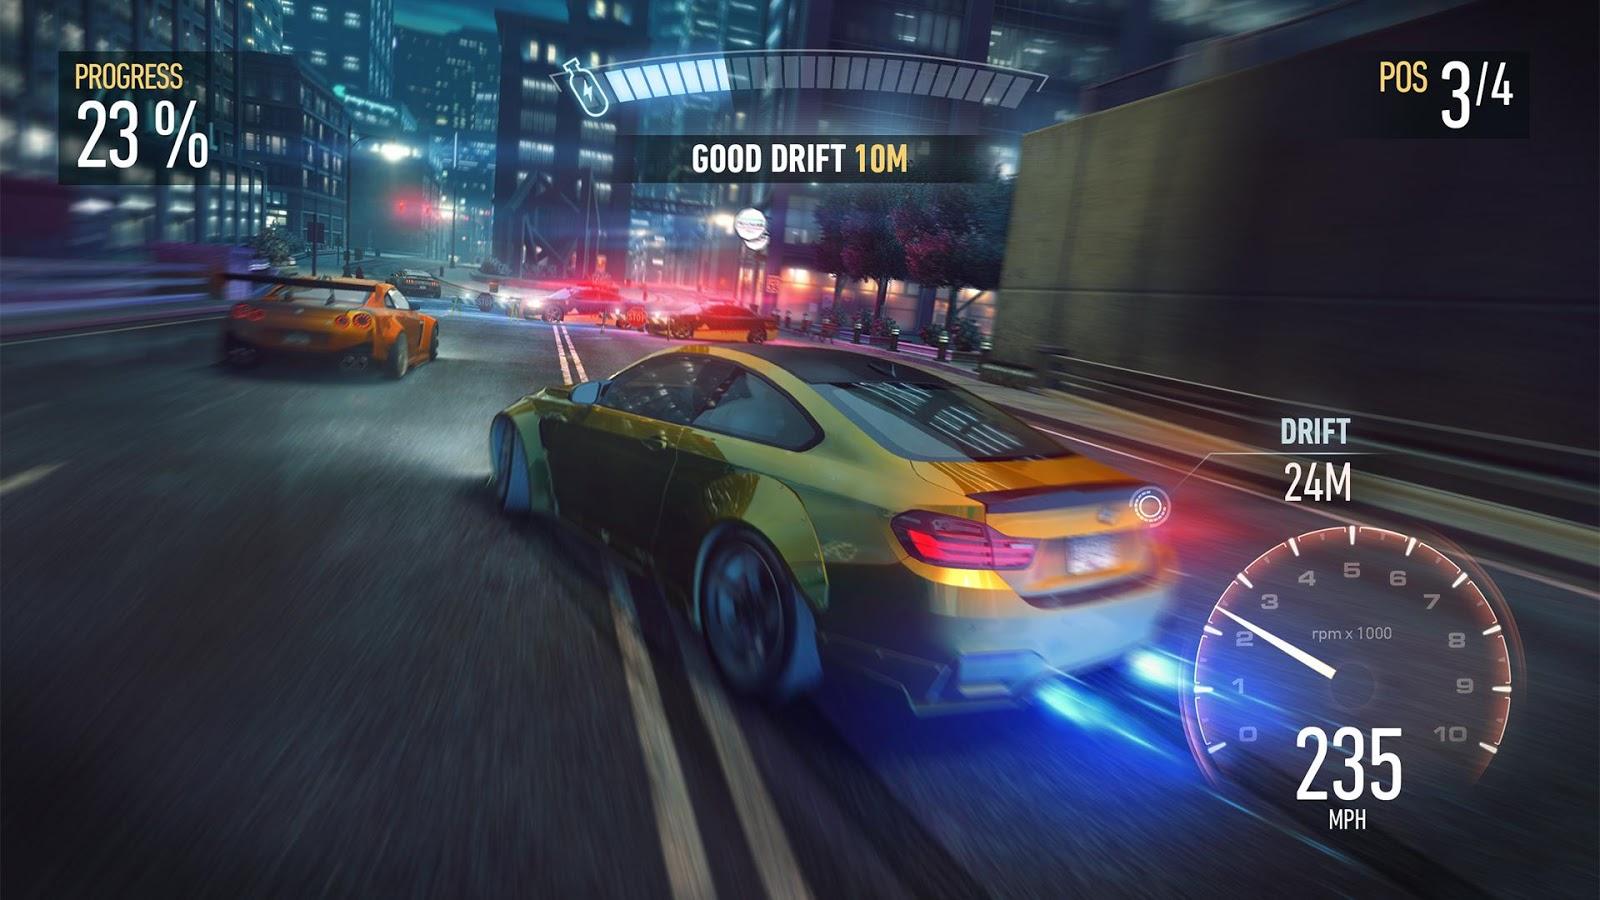 دانلود Need for Speed™ No Limits 5.0.4 – بازی رسینگ نیدفور اسپید: نامحدود اندروید!